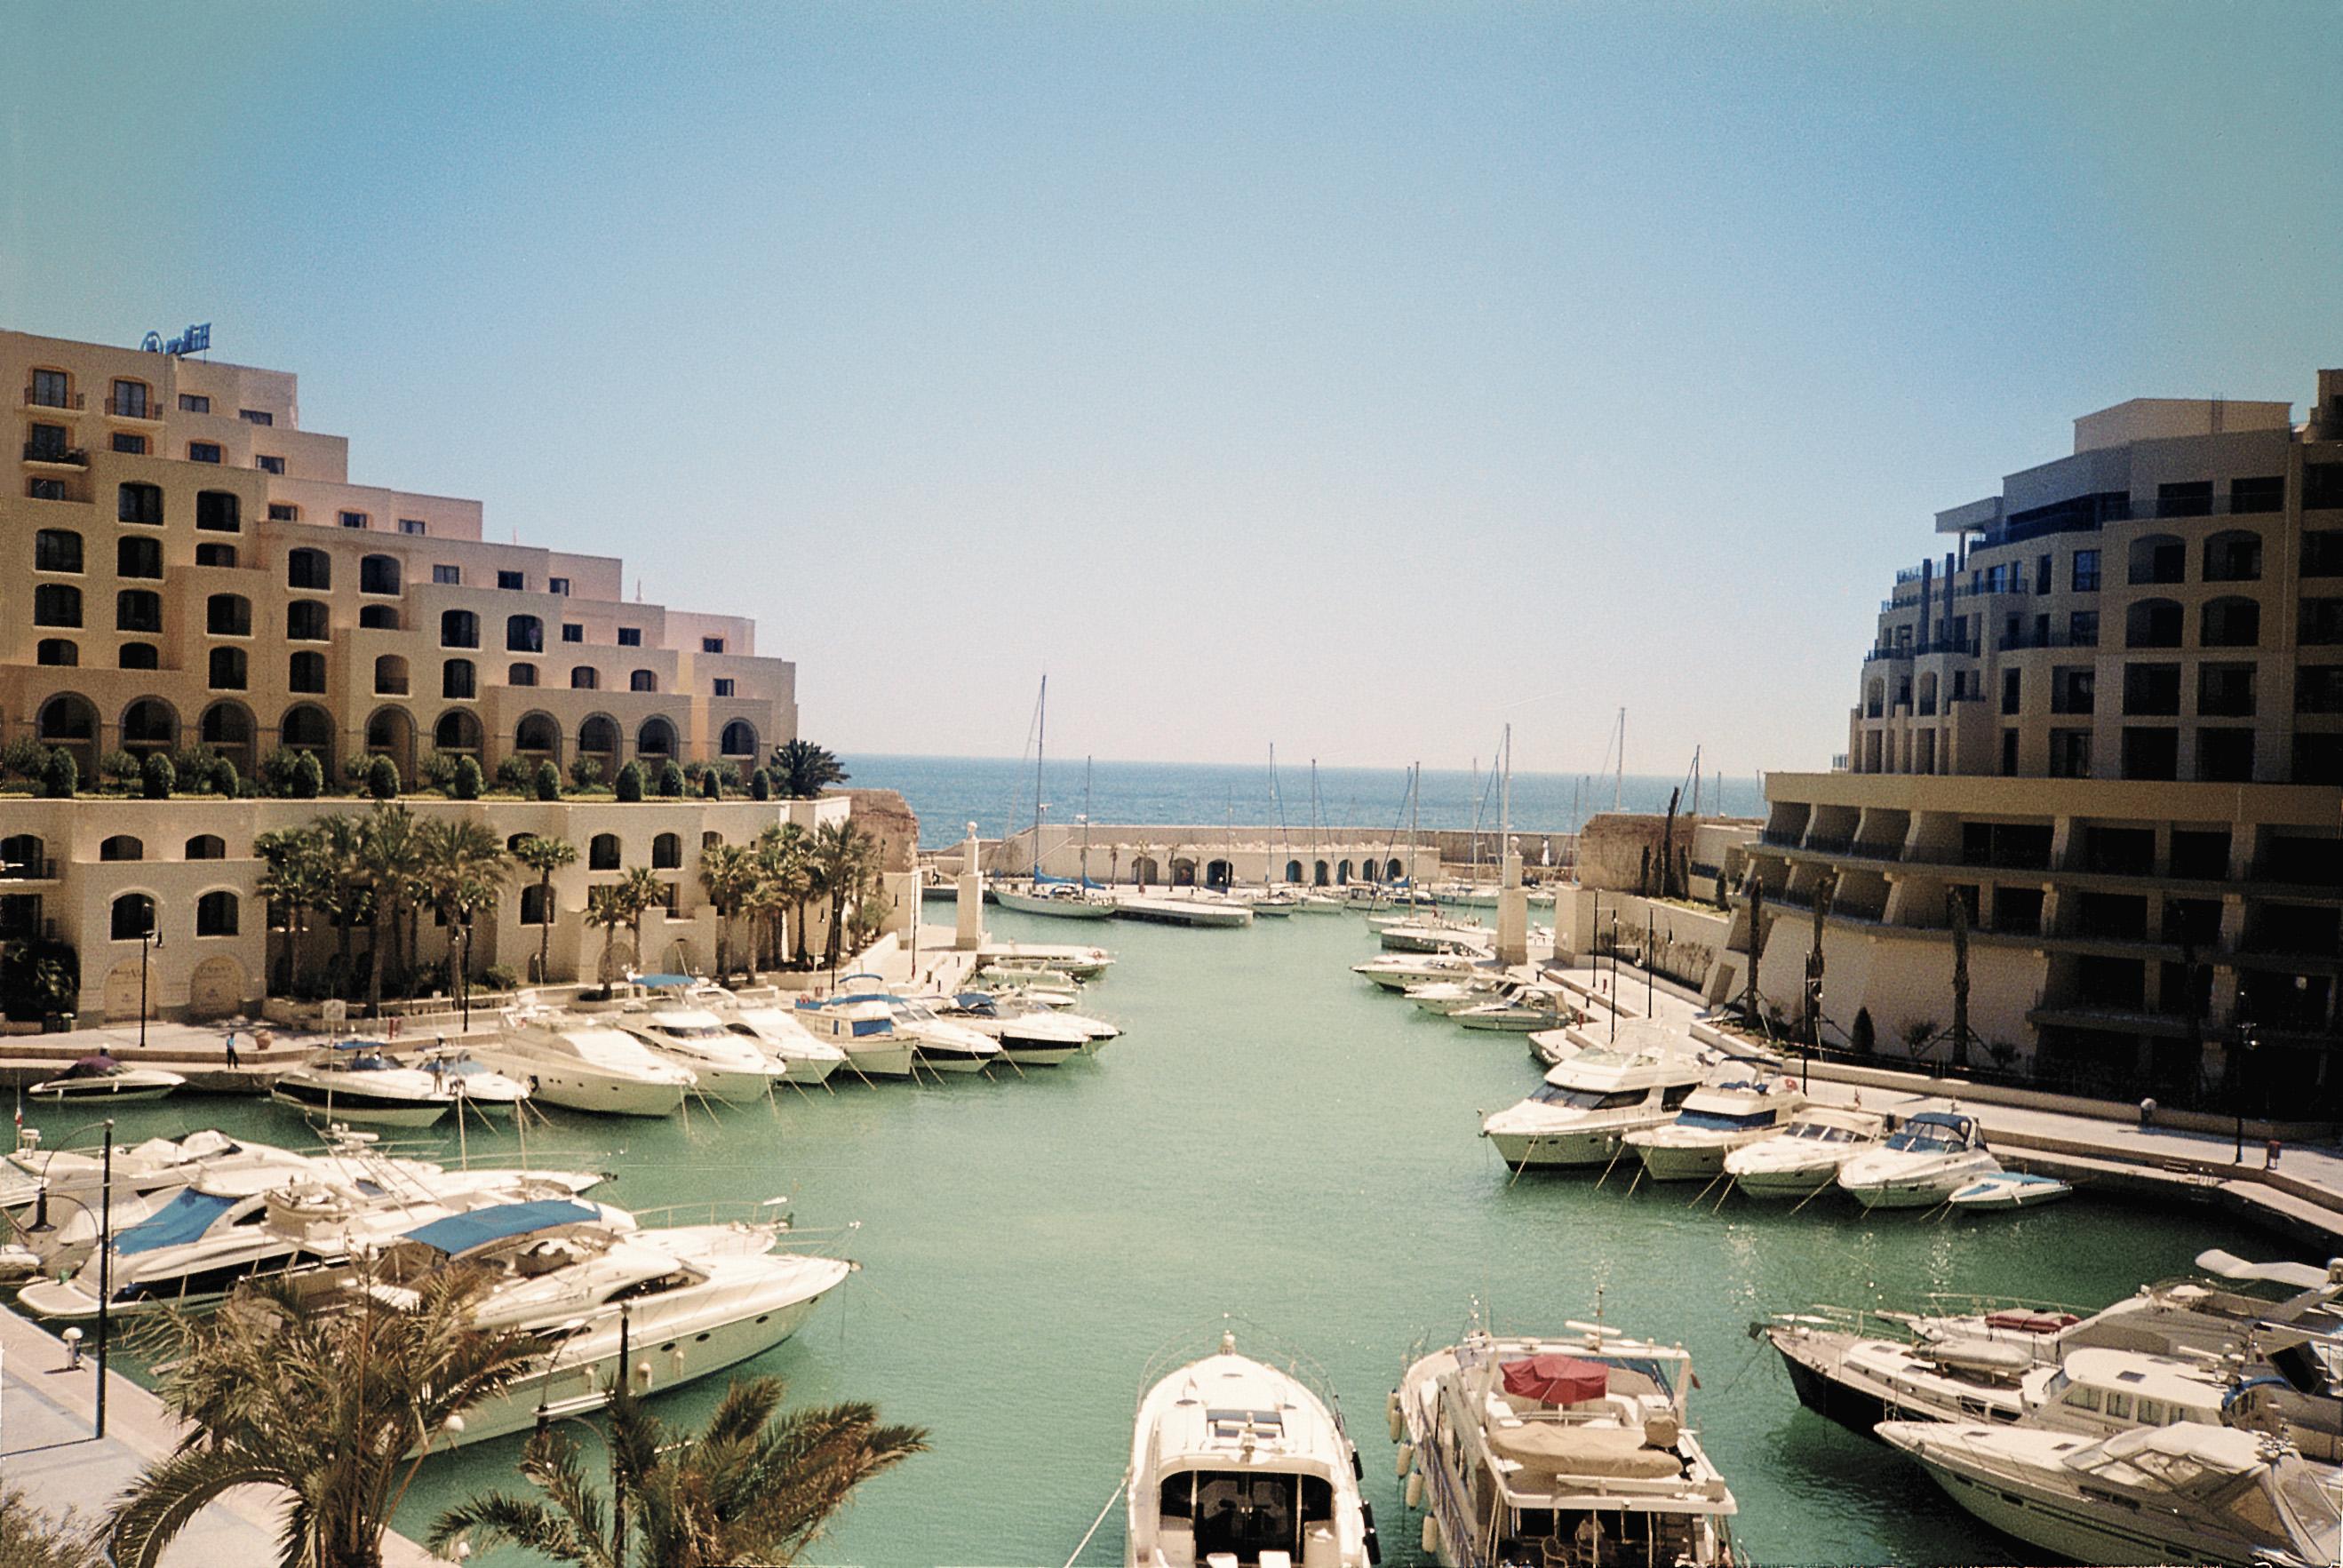 地中海に囲まれた島、マルタでリゾート気分